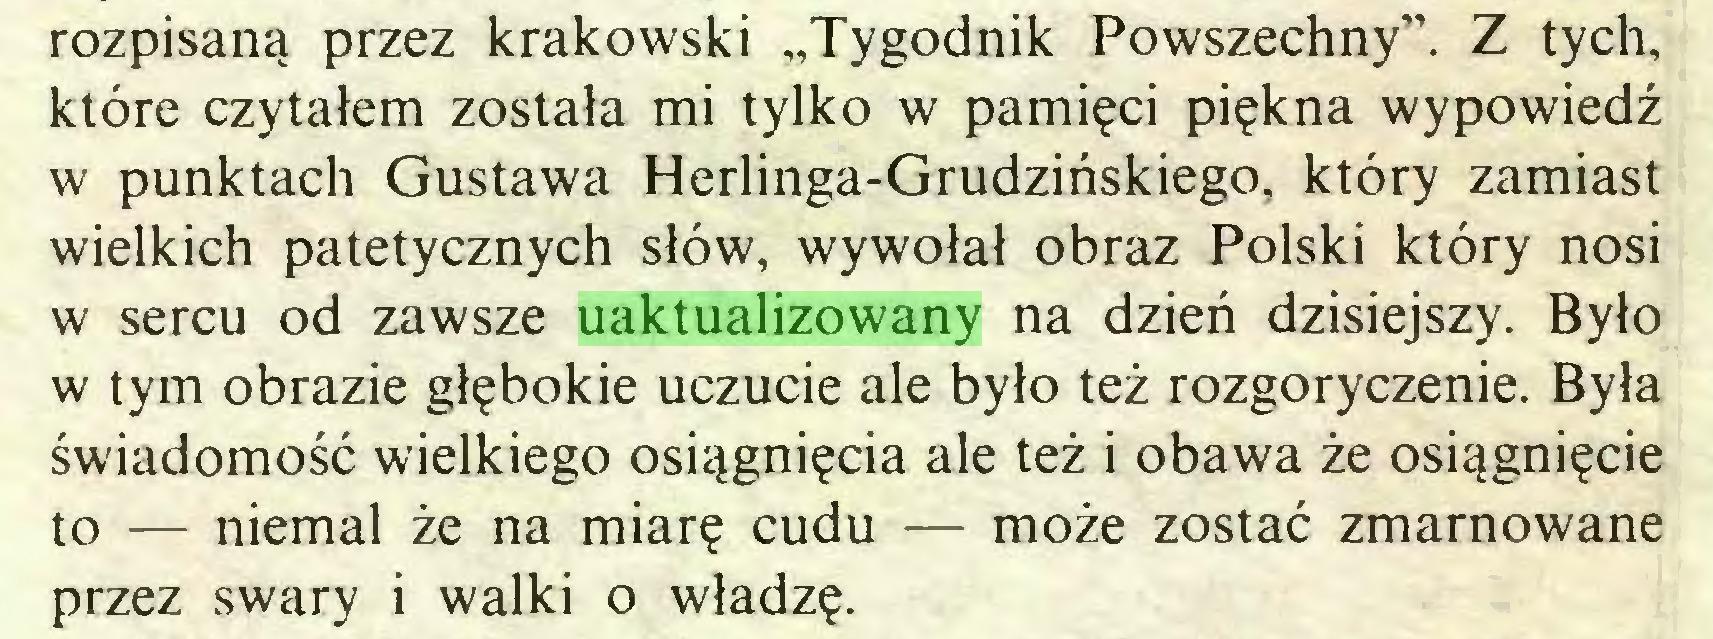 """(...) rozpisaną przez krakowski """"Tygodnik Powszechny"""". Z tych, które czytałem została mi tylko w pamięci piękna wypowiedź w punktach Gustawa Herlinga-Grudzińskiego, który zamiast wielkich patetycznych słów, wywołał obraz Polski który nosi w sercu od zawsze uaktualizowany na dzień dzisiejszy. Było w tym obrazie głębokie uczucie ale było też rozgoryczenie. Była świadomość wielkiego osiągnięcia ale też i obawa że osiągnięcie to — niemal że na miarę cudu — może zostać zmarnowane przez swary i walki o władzę..."""